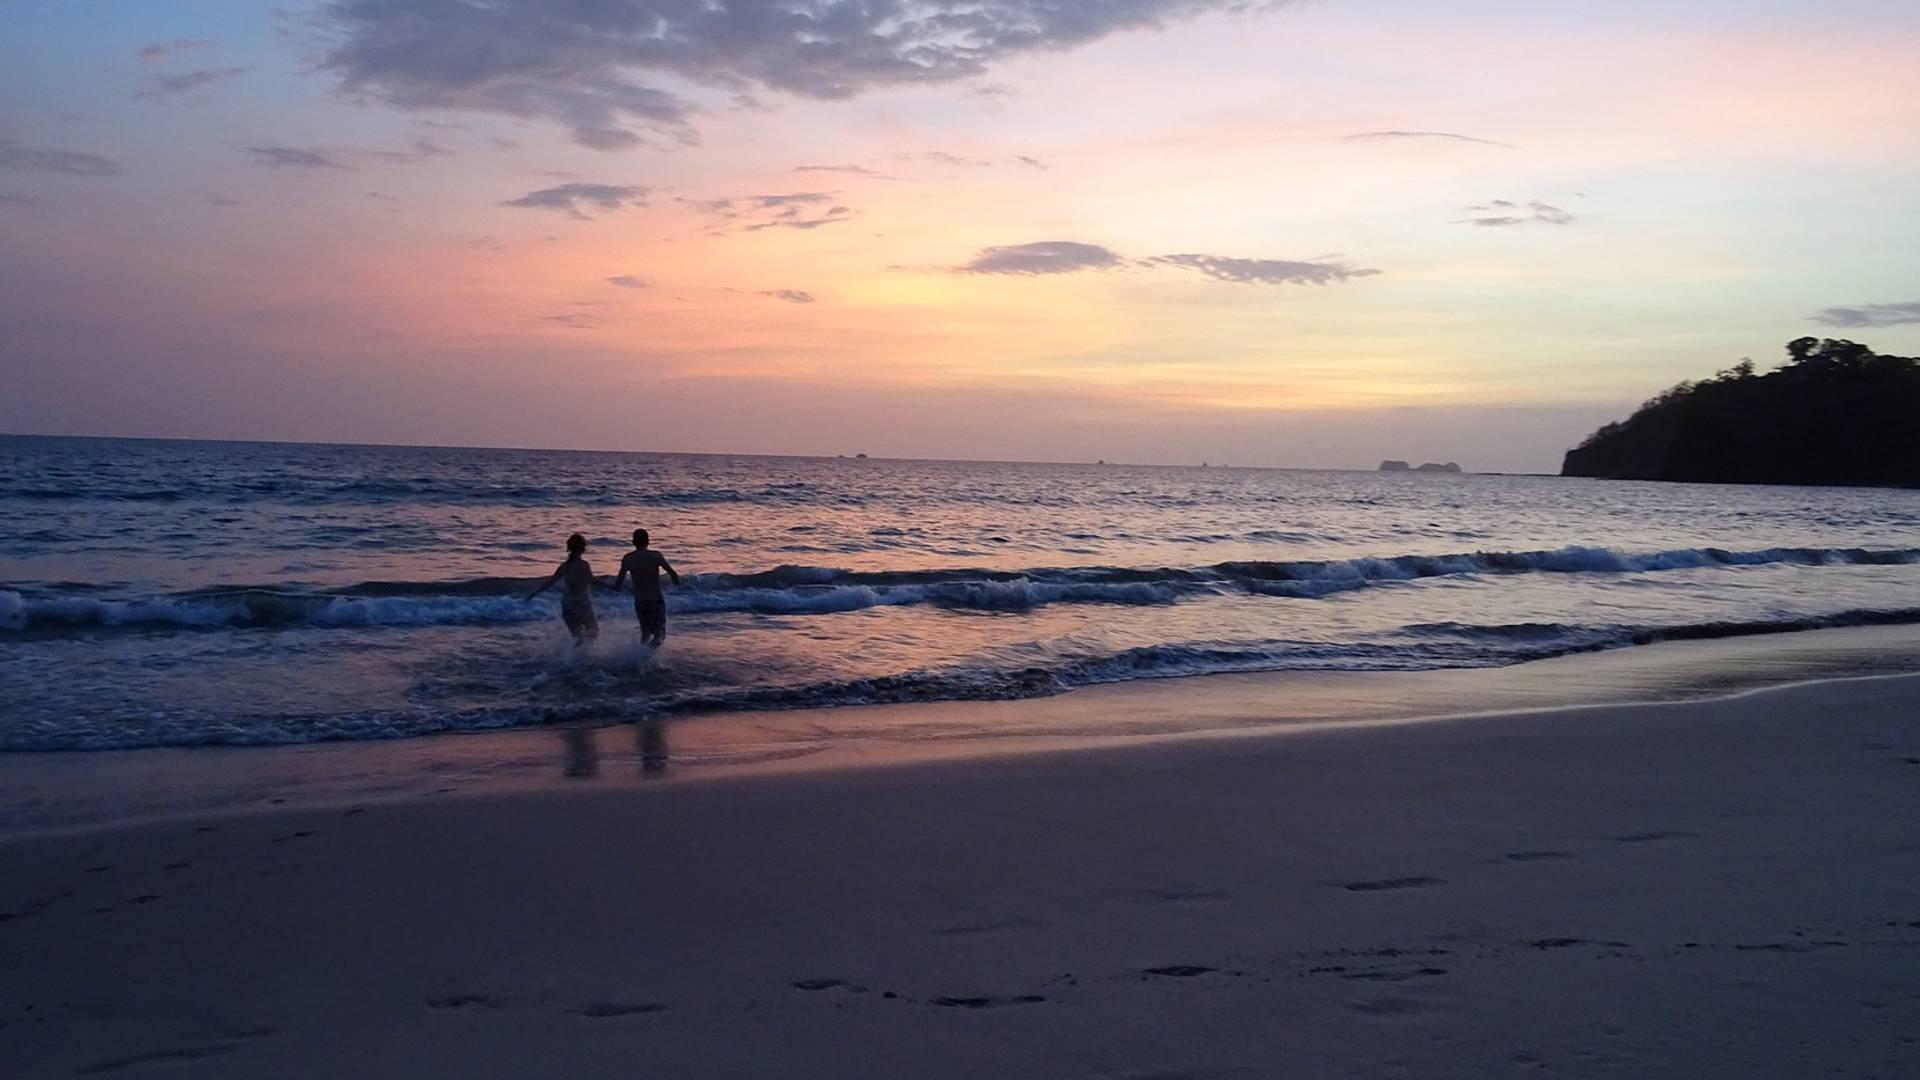 Romantik und Abenteuer inmitten tropischer Natur